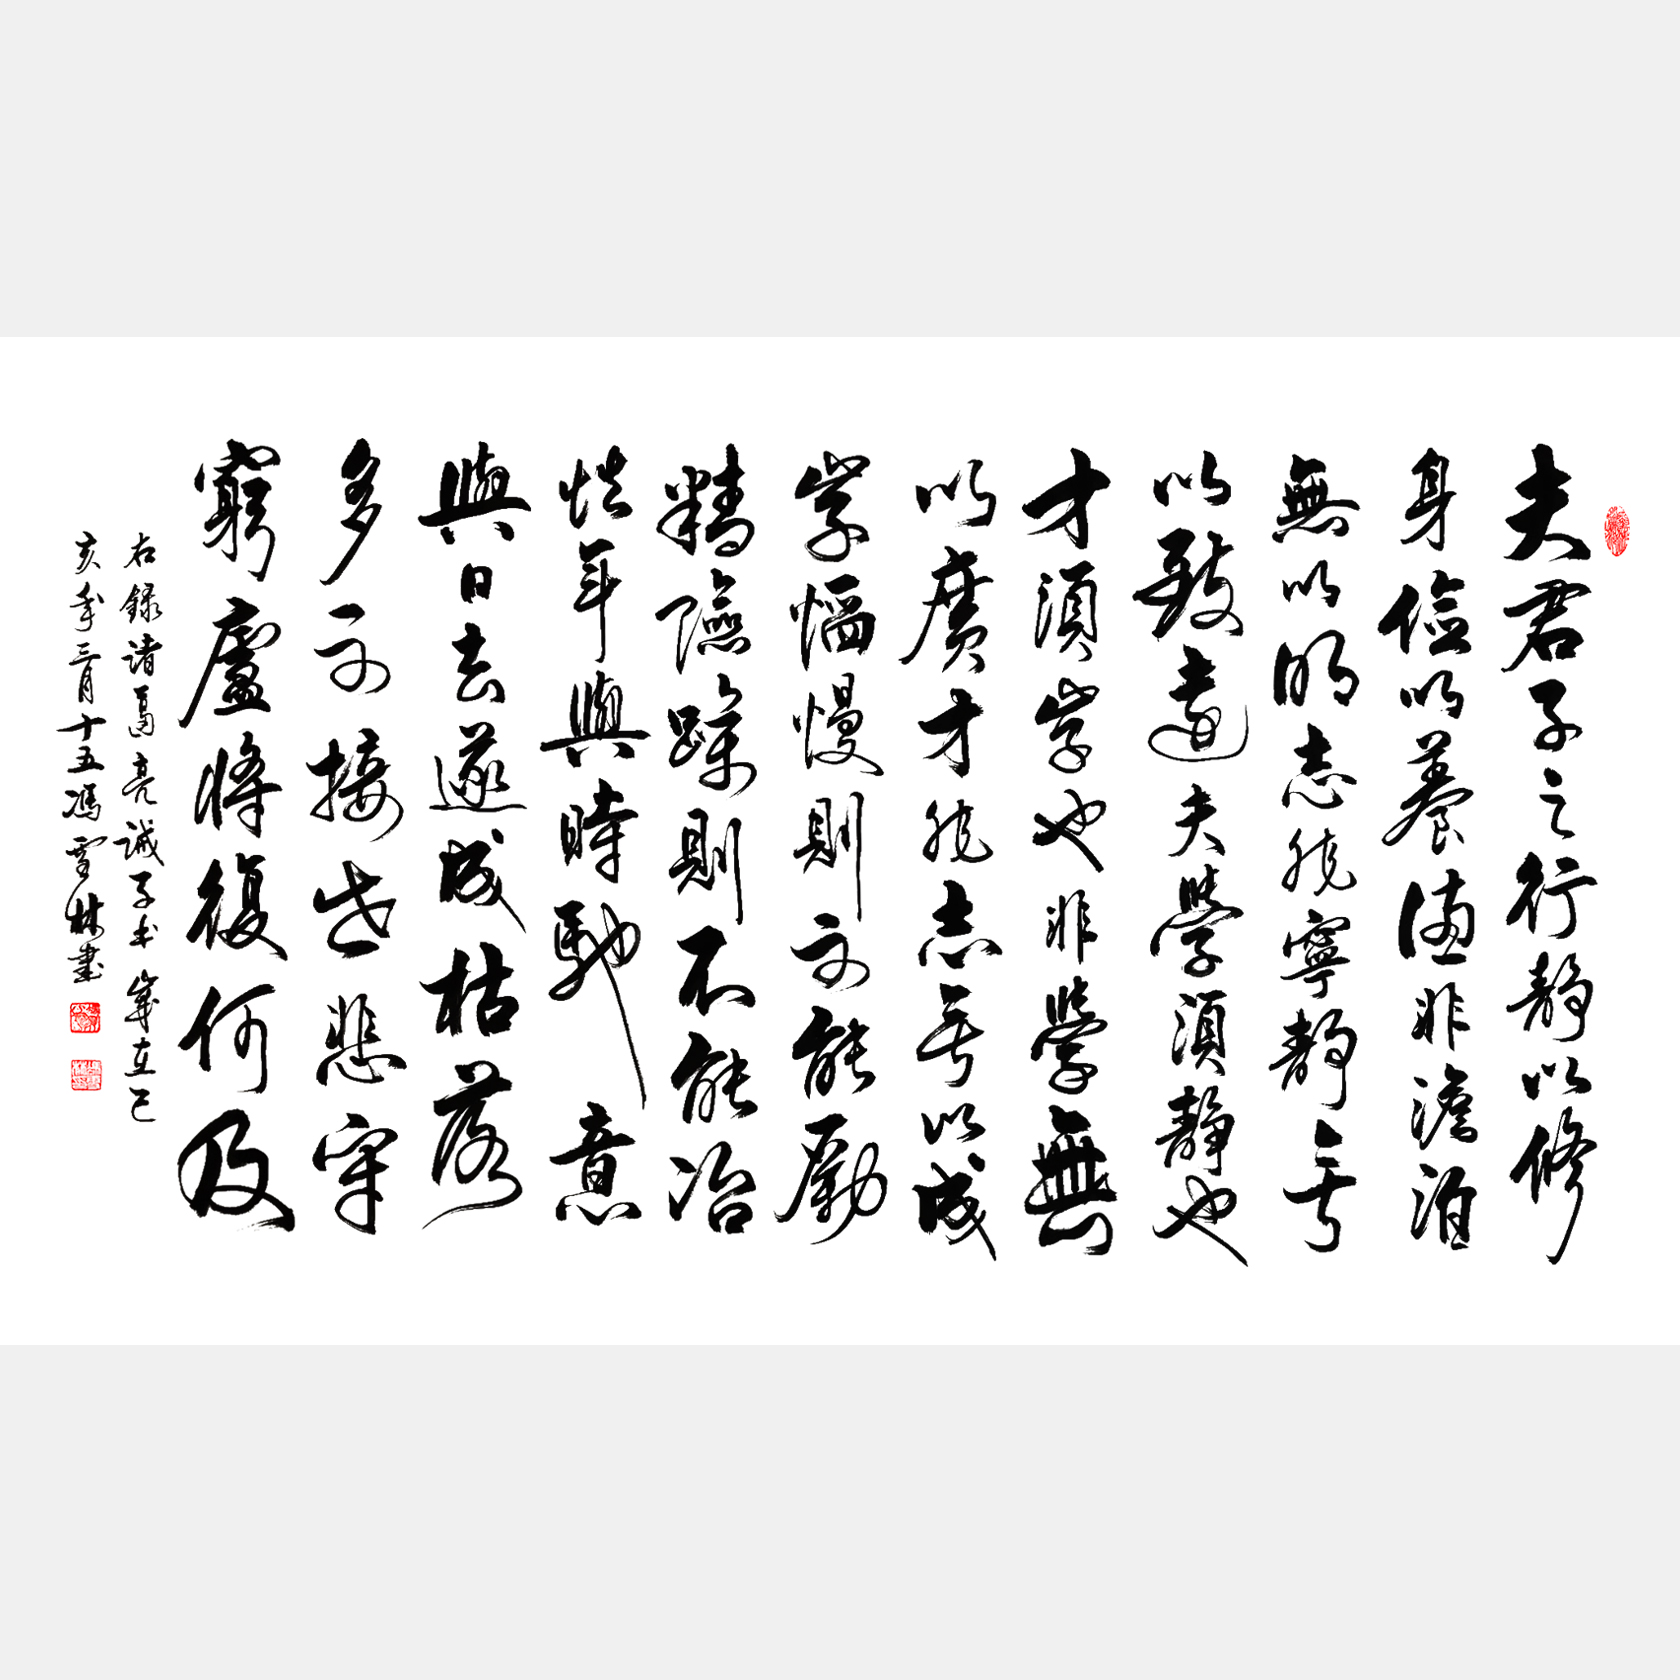 诸葛亮《诫子书》书法作品 《诫子书》书法字画 古代著名家训书法